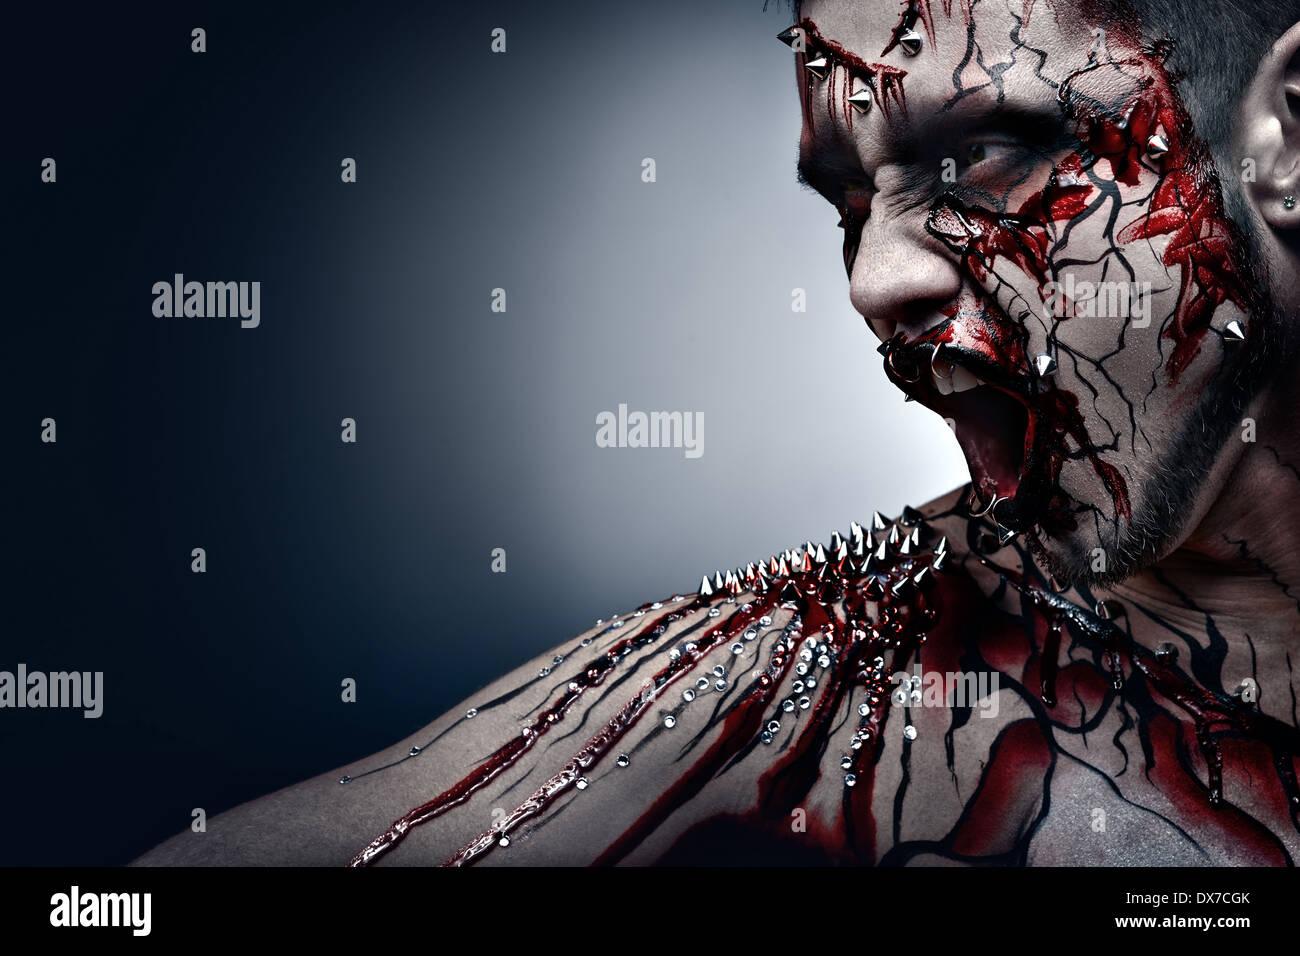 Un concept d'une halloween creepy crier moor dans la douleur avec un piercing et sanglant, l'art corporel. Photo Stock